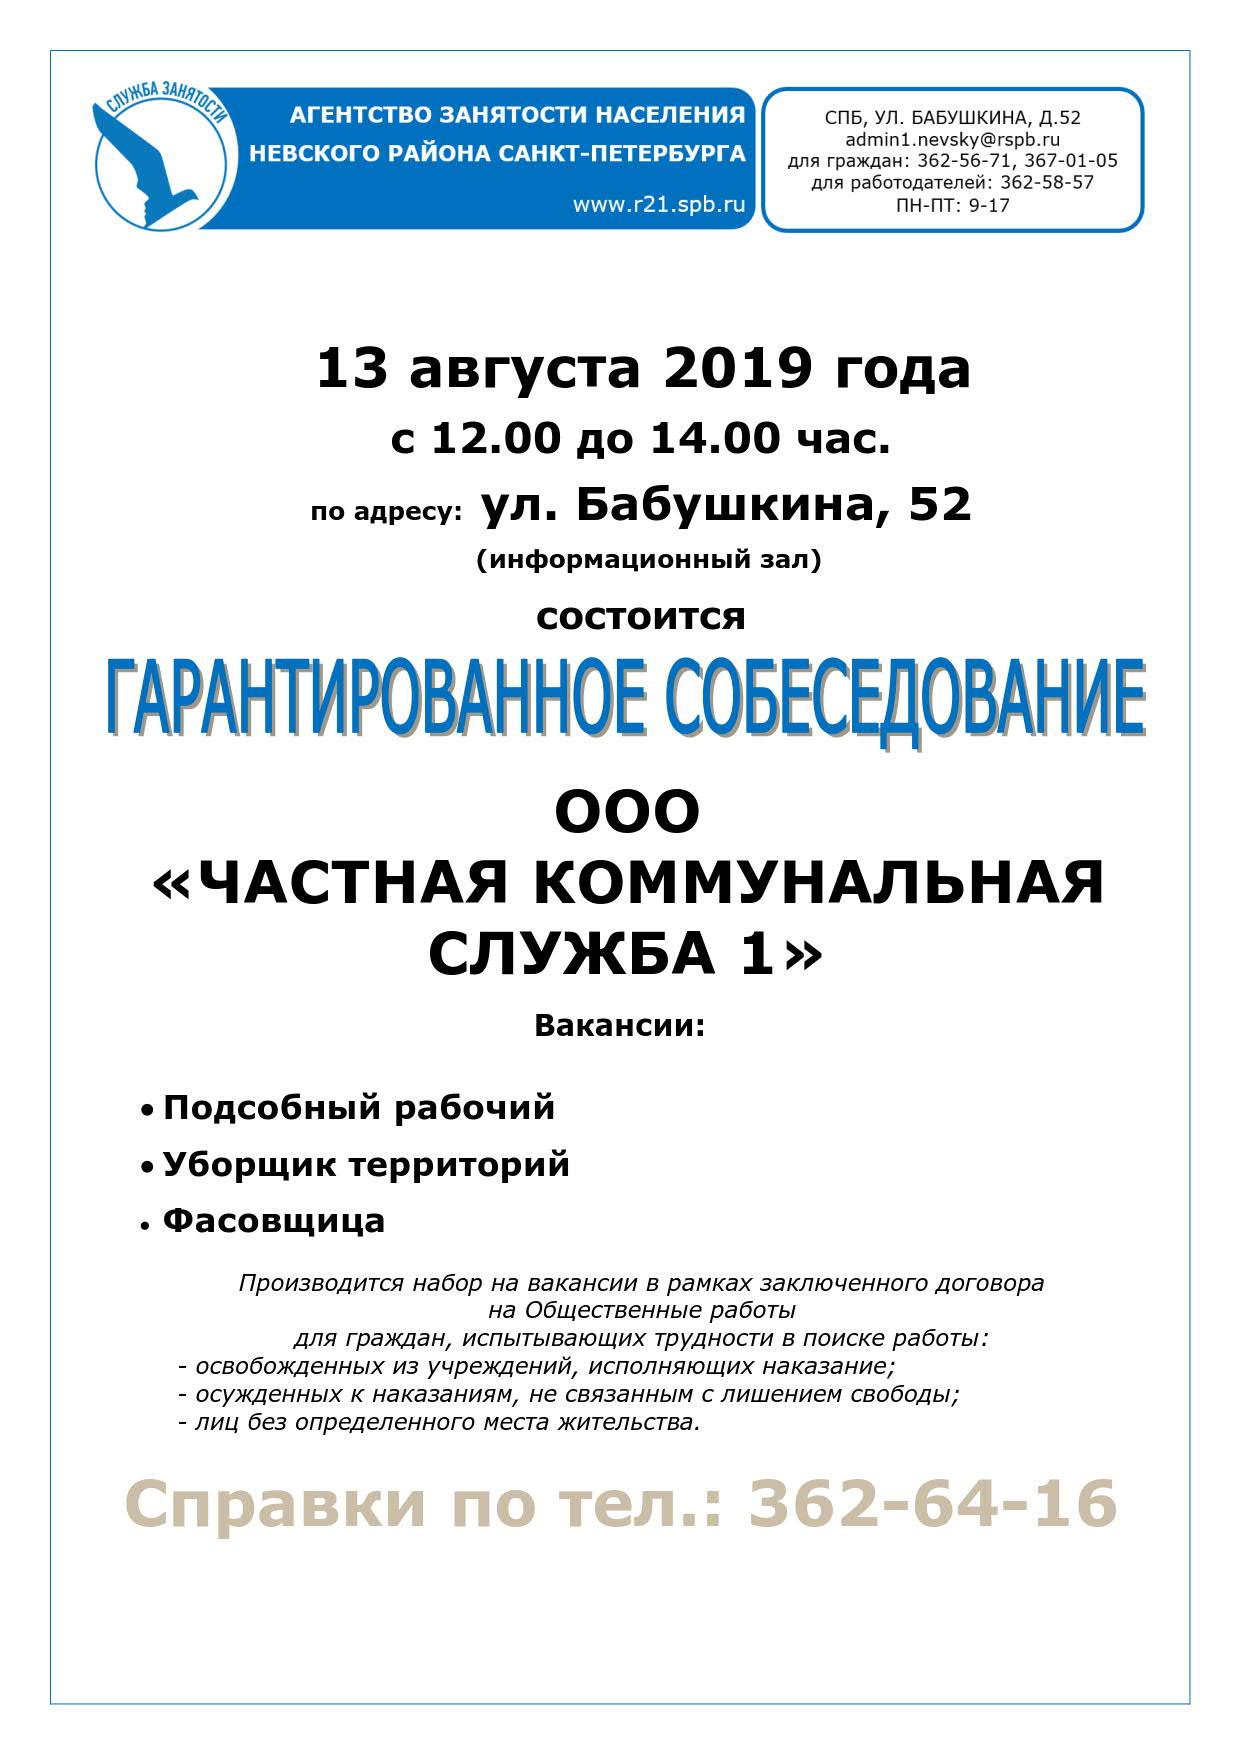 объявление ГС 13.08.2019 чкс_1